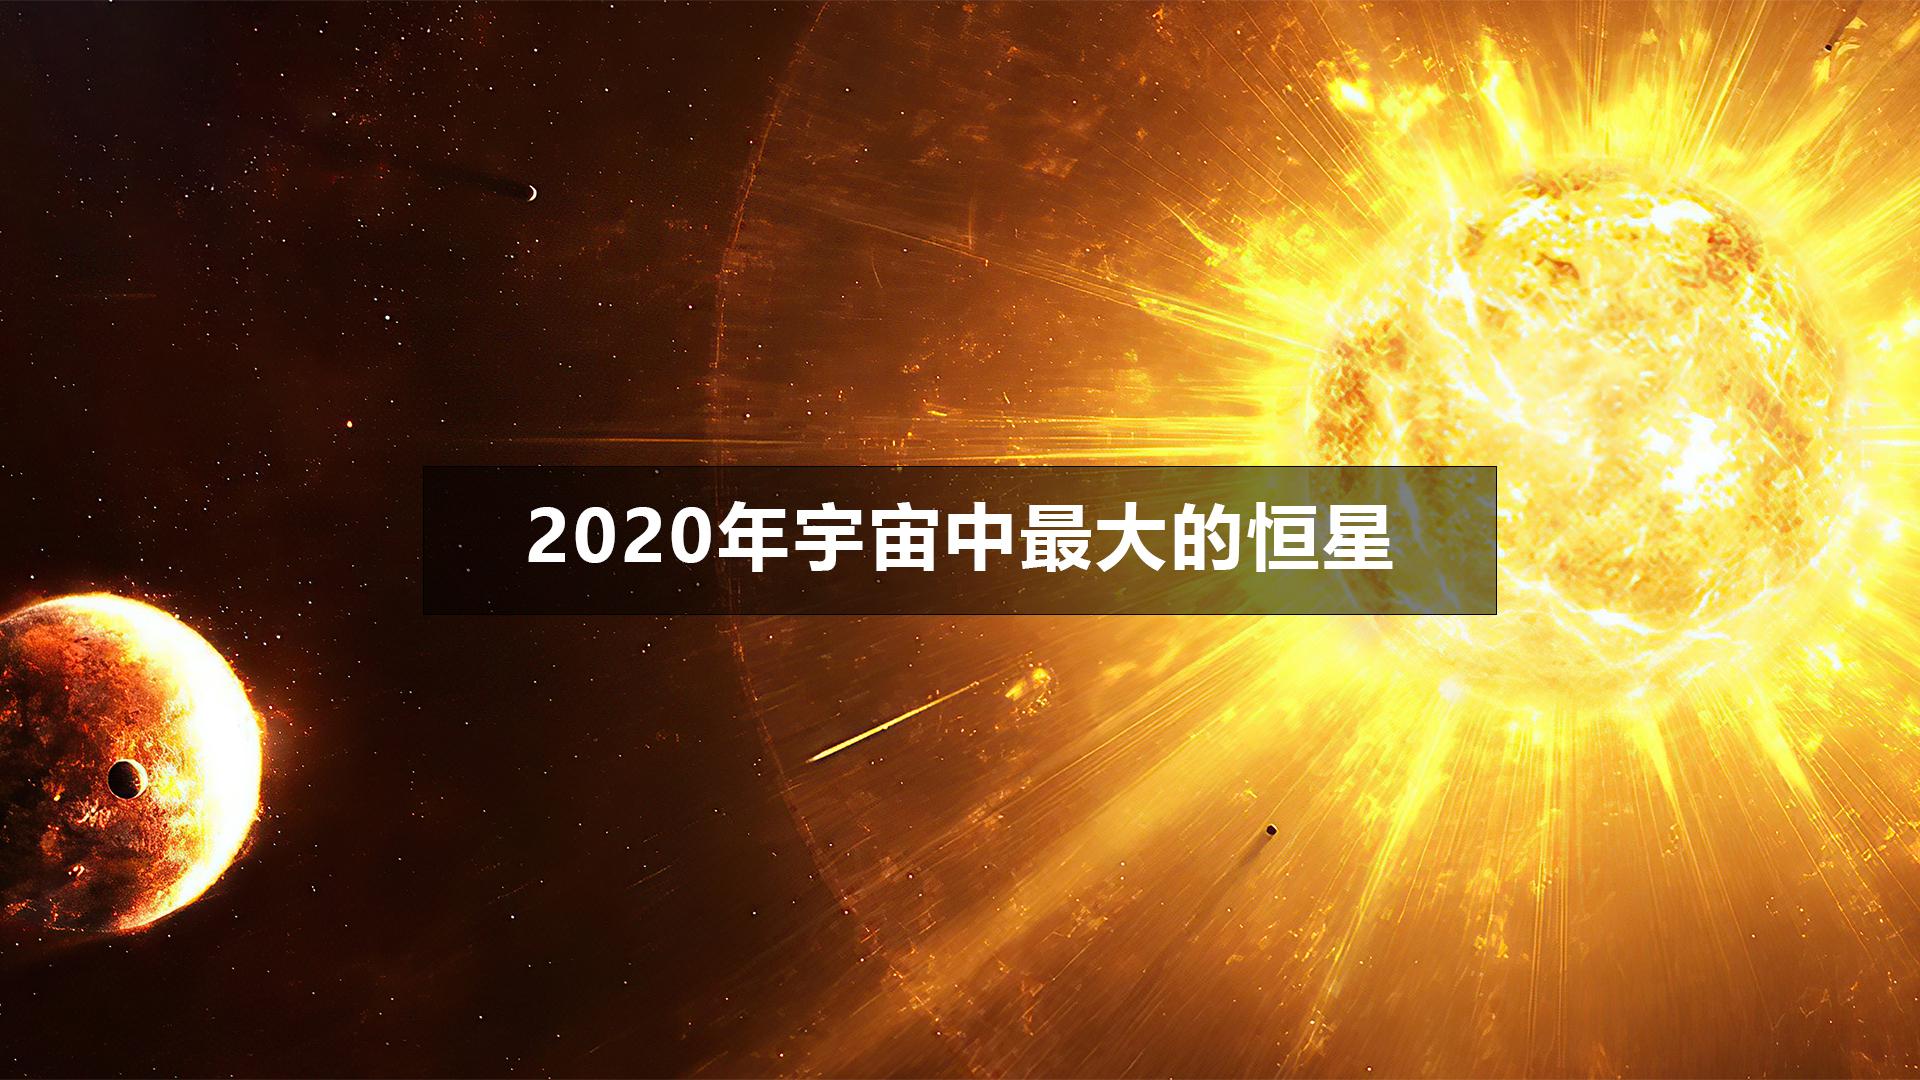 2020年宇宙中最大的恒星,体积是太阳100亿倍,地球1.3亿亿倍!4K